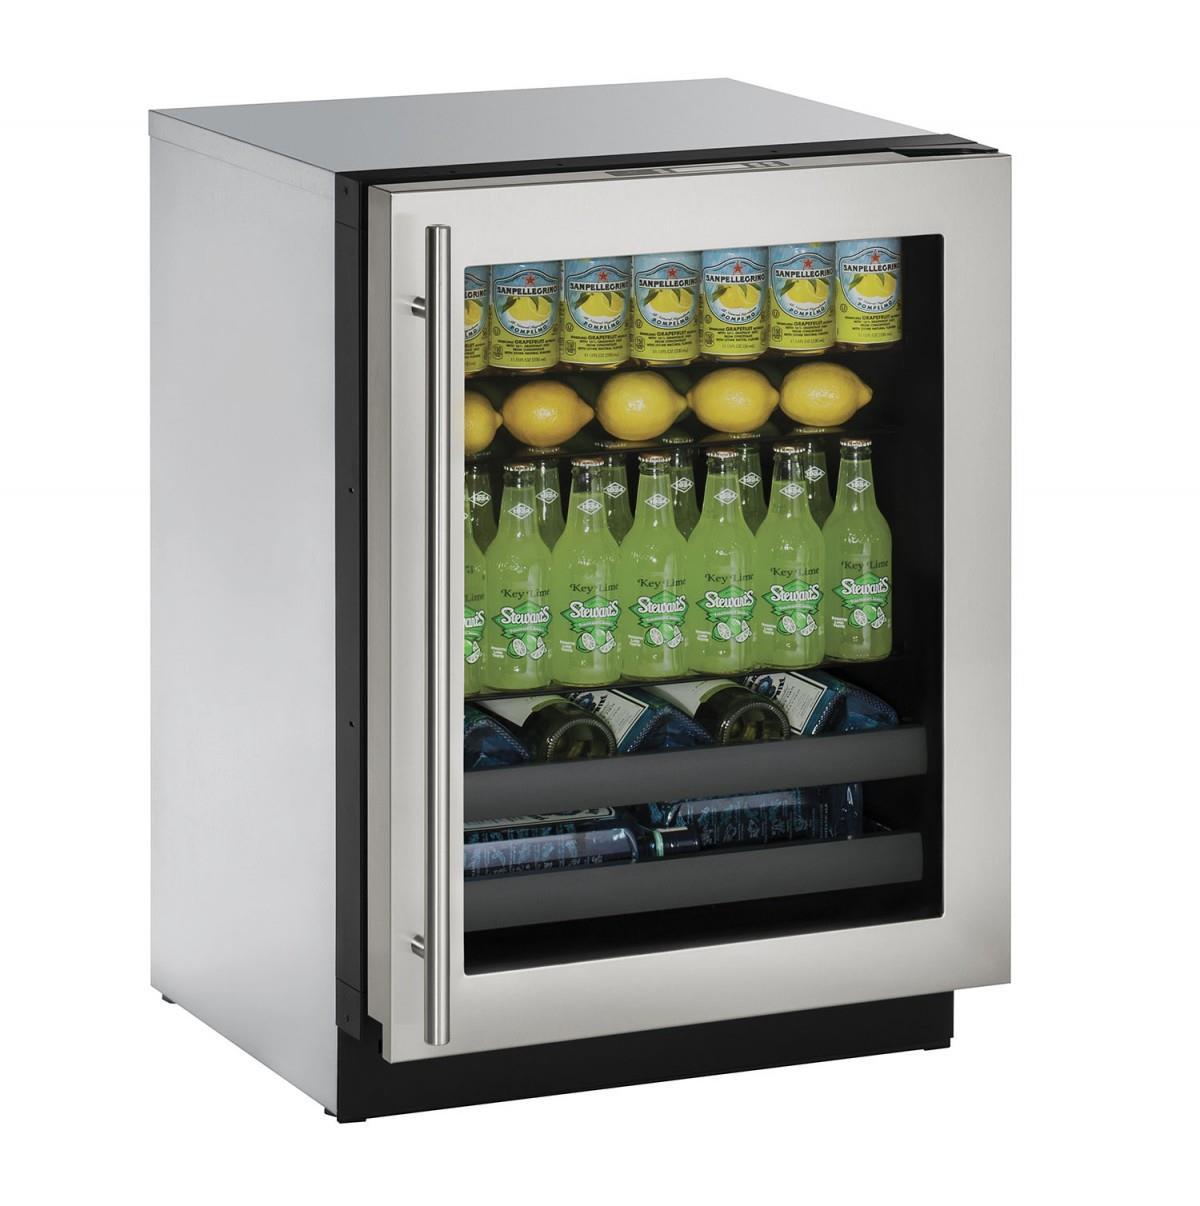 """U-Line Beverage Centers 4.9 cu. ft. 3000 Series 24"""" Beverage Center - Item Number: U-3024BEVS-13A"""